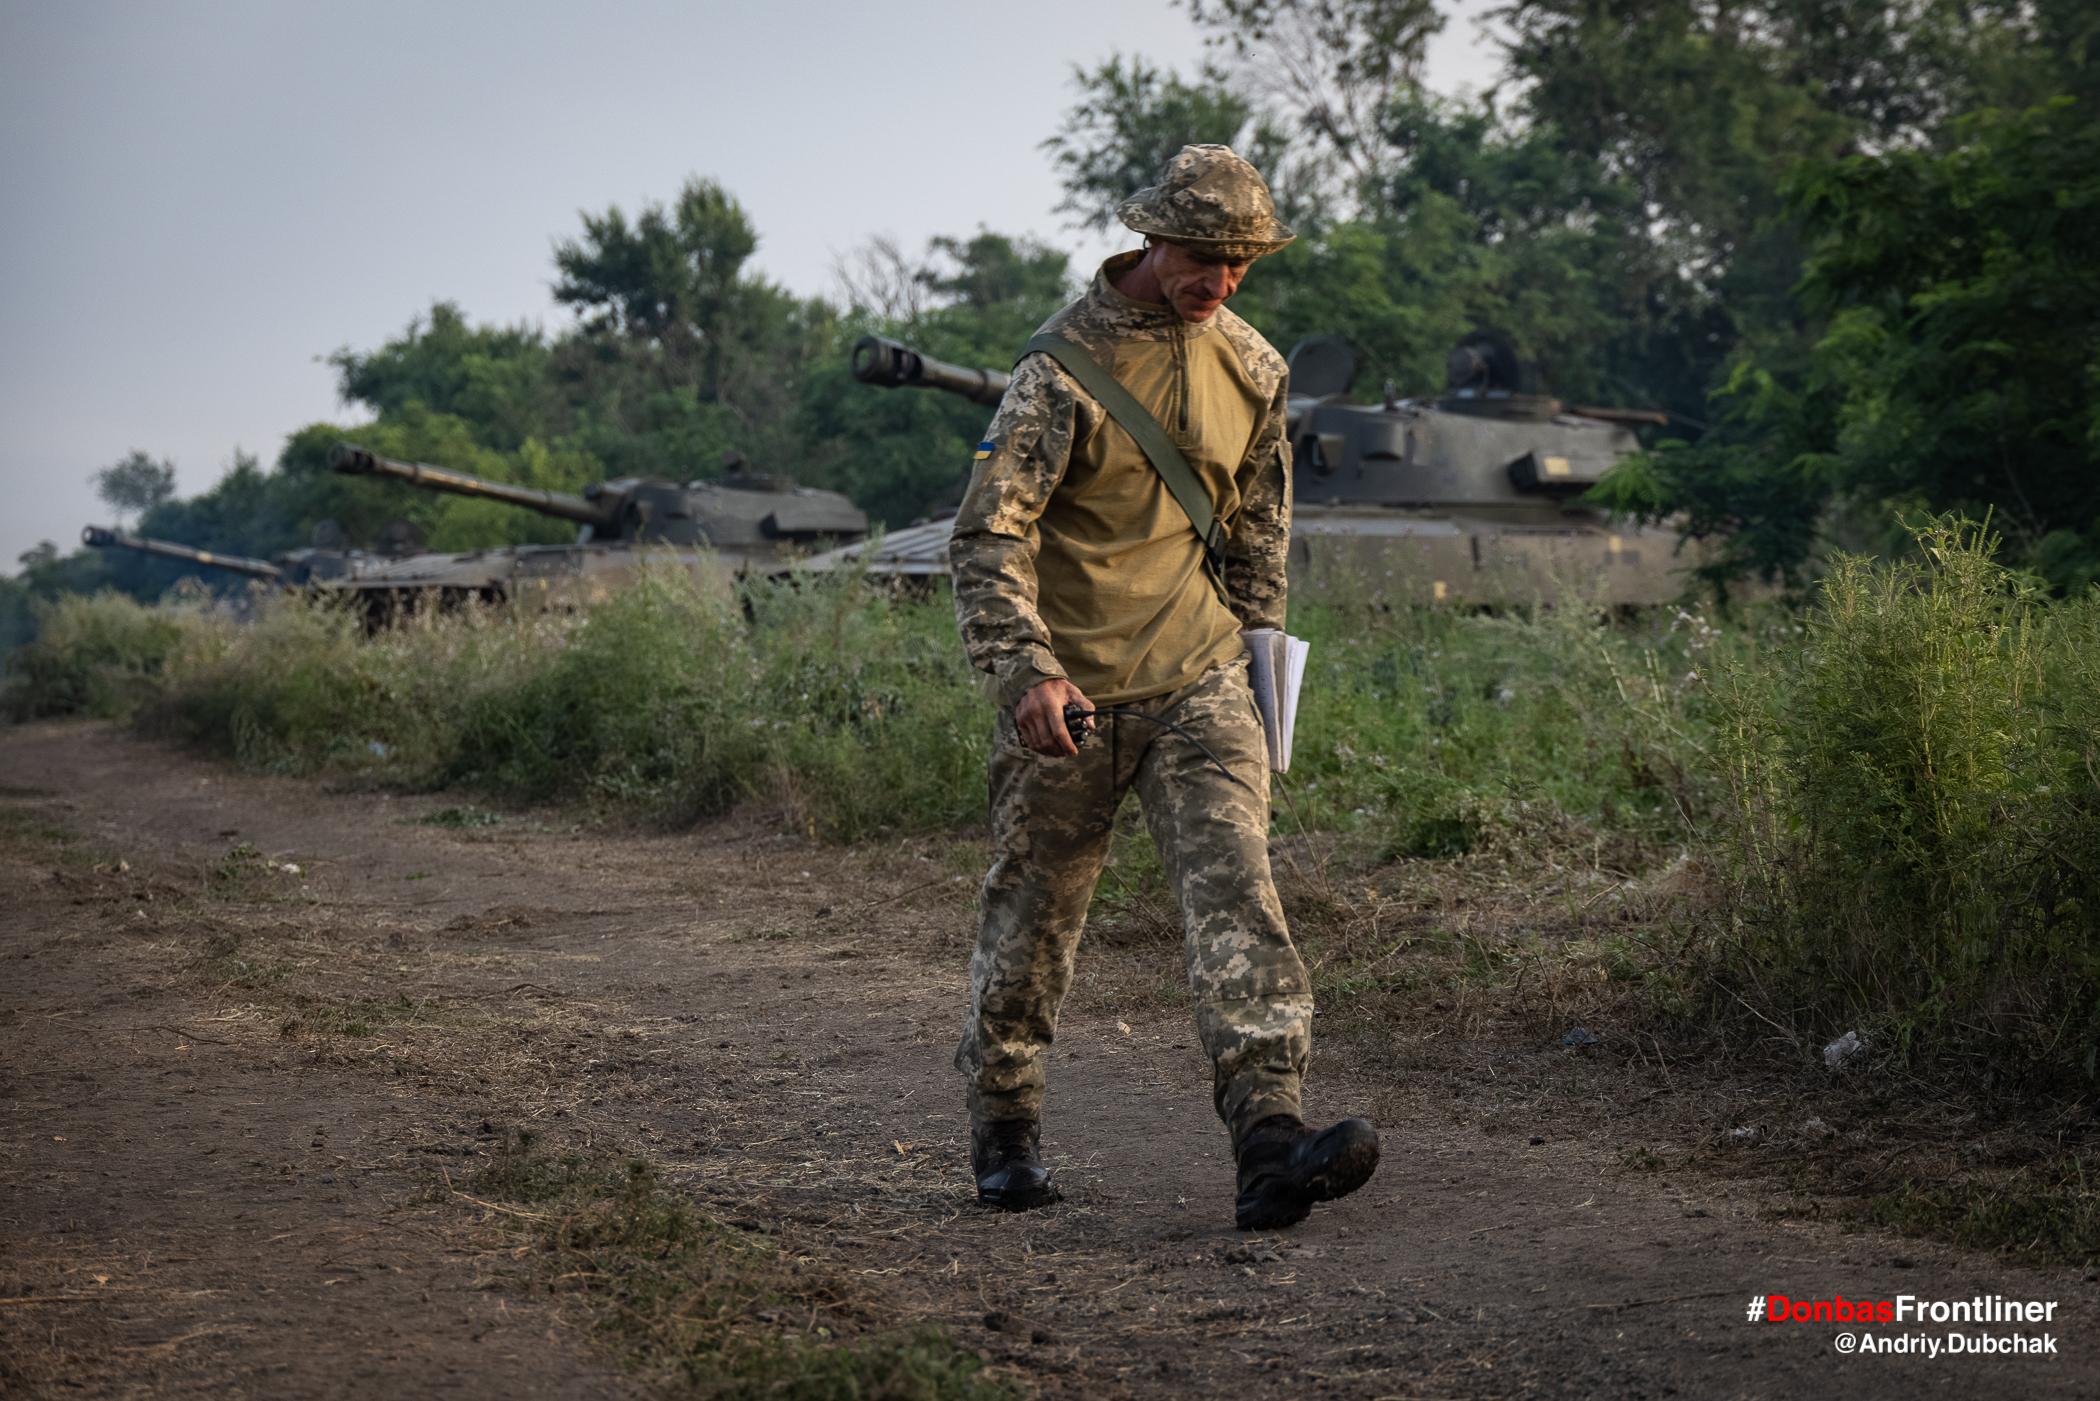 САУ на поготові до пострілу залпом. Бойове тренування 503-го батальйону морської піхоти на Приазов'ї, липень 2021 року